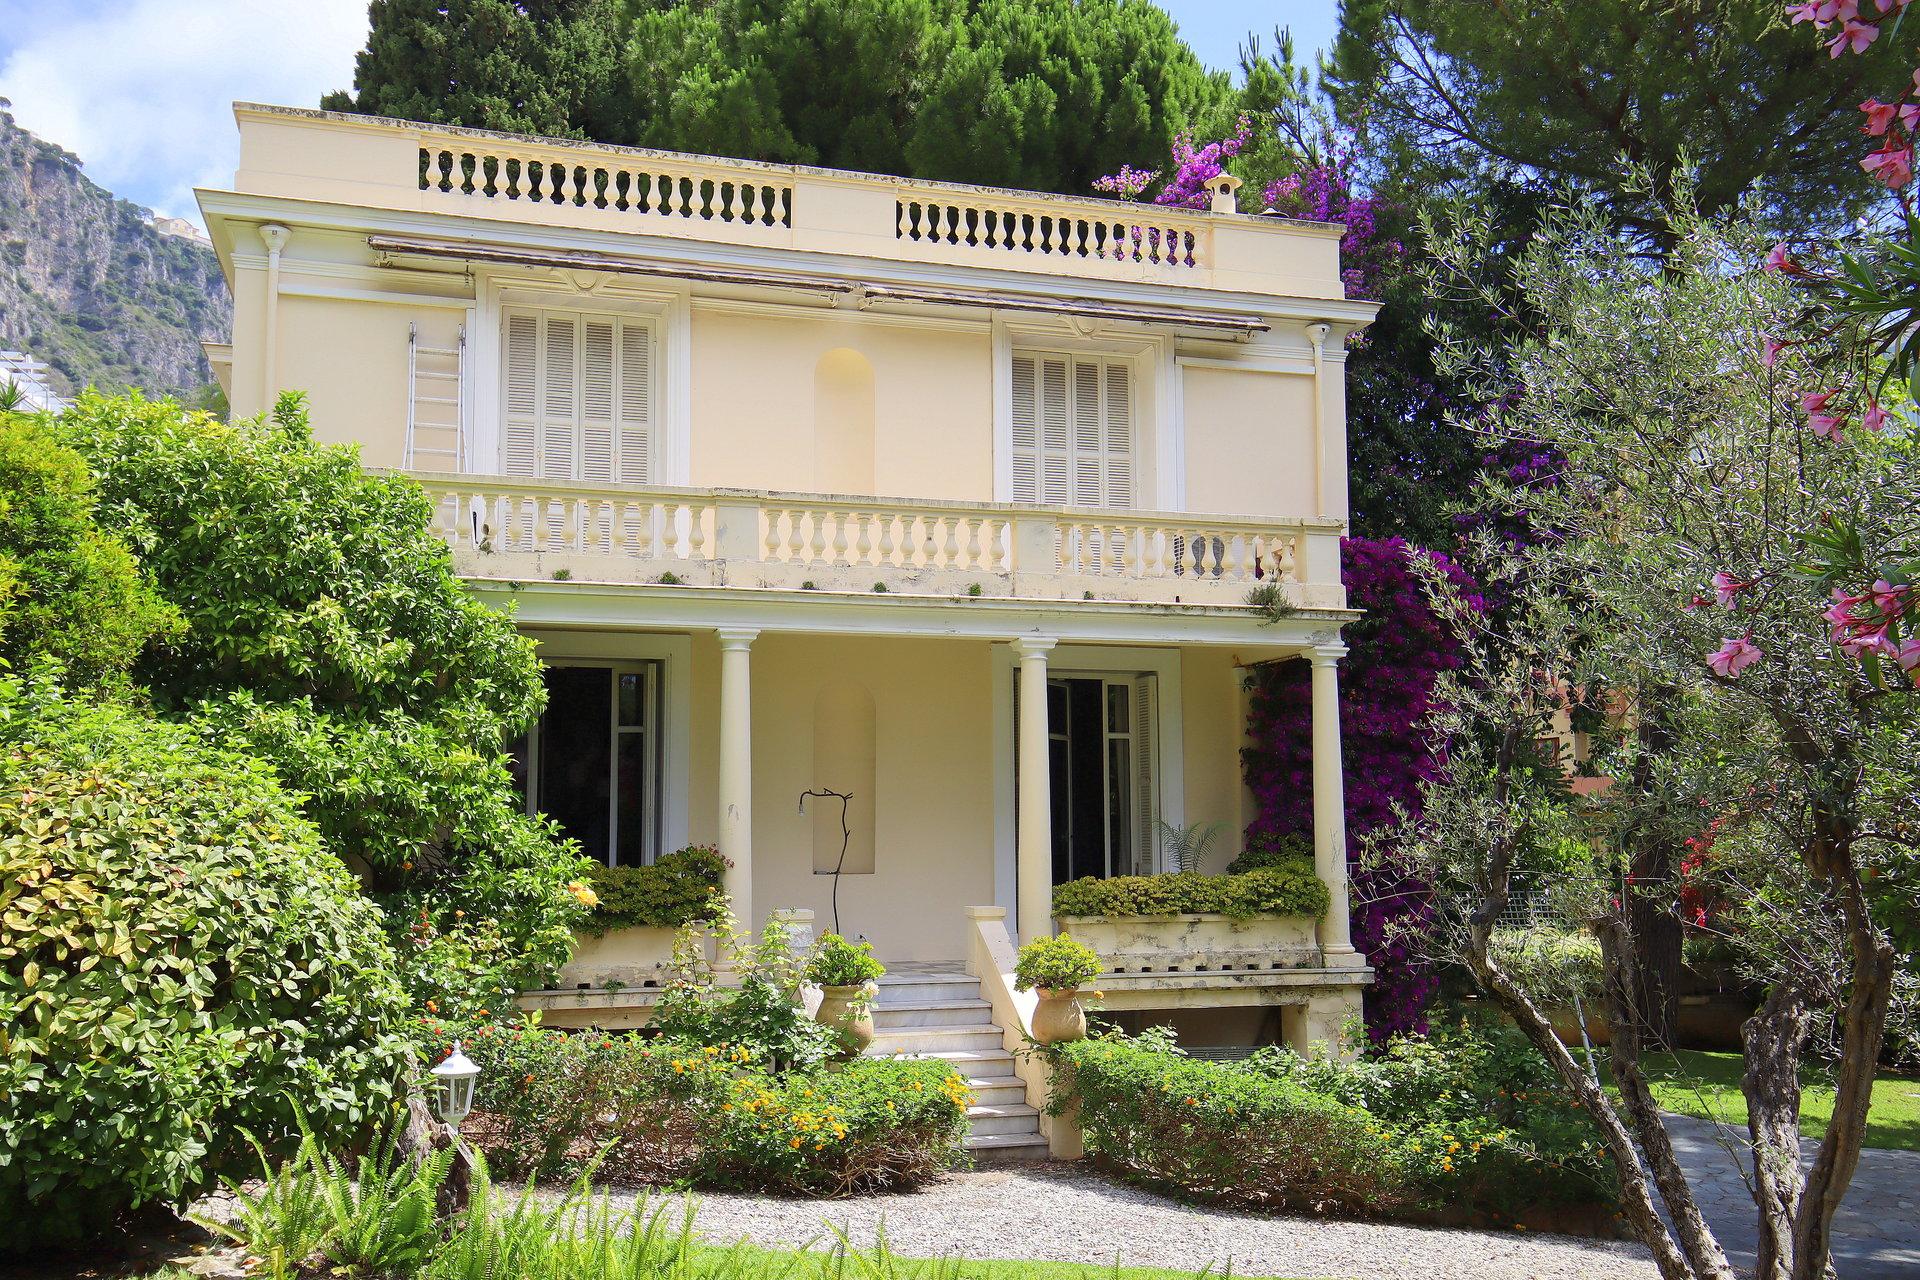 Beaulieur sur mer villa Belle Epoque